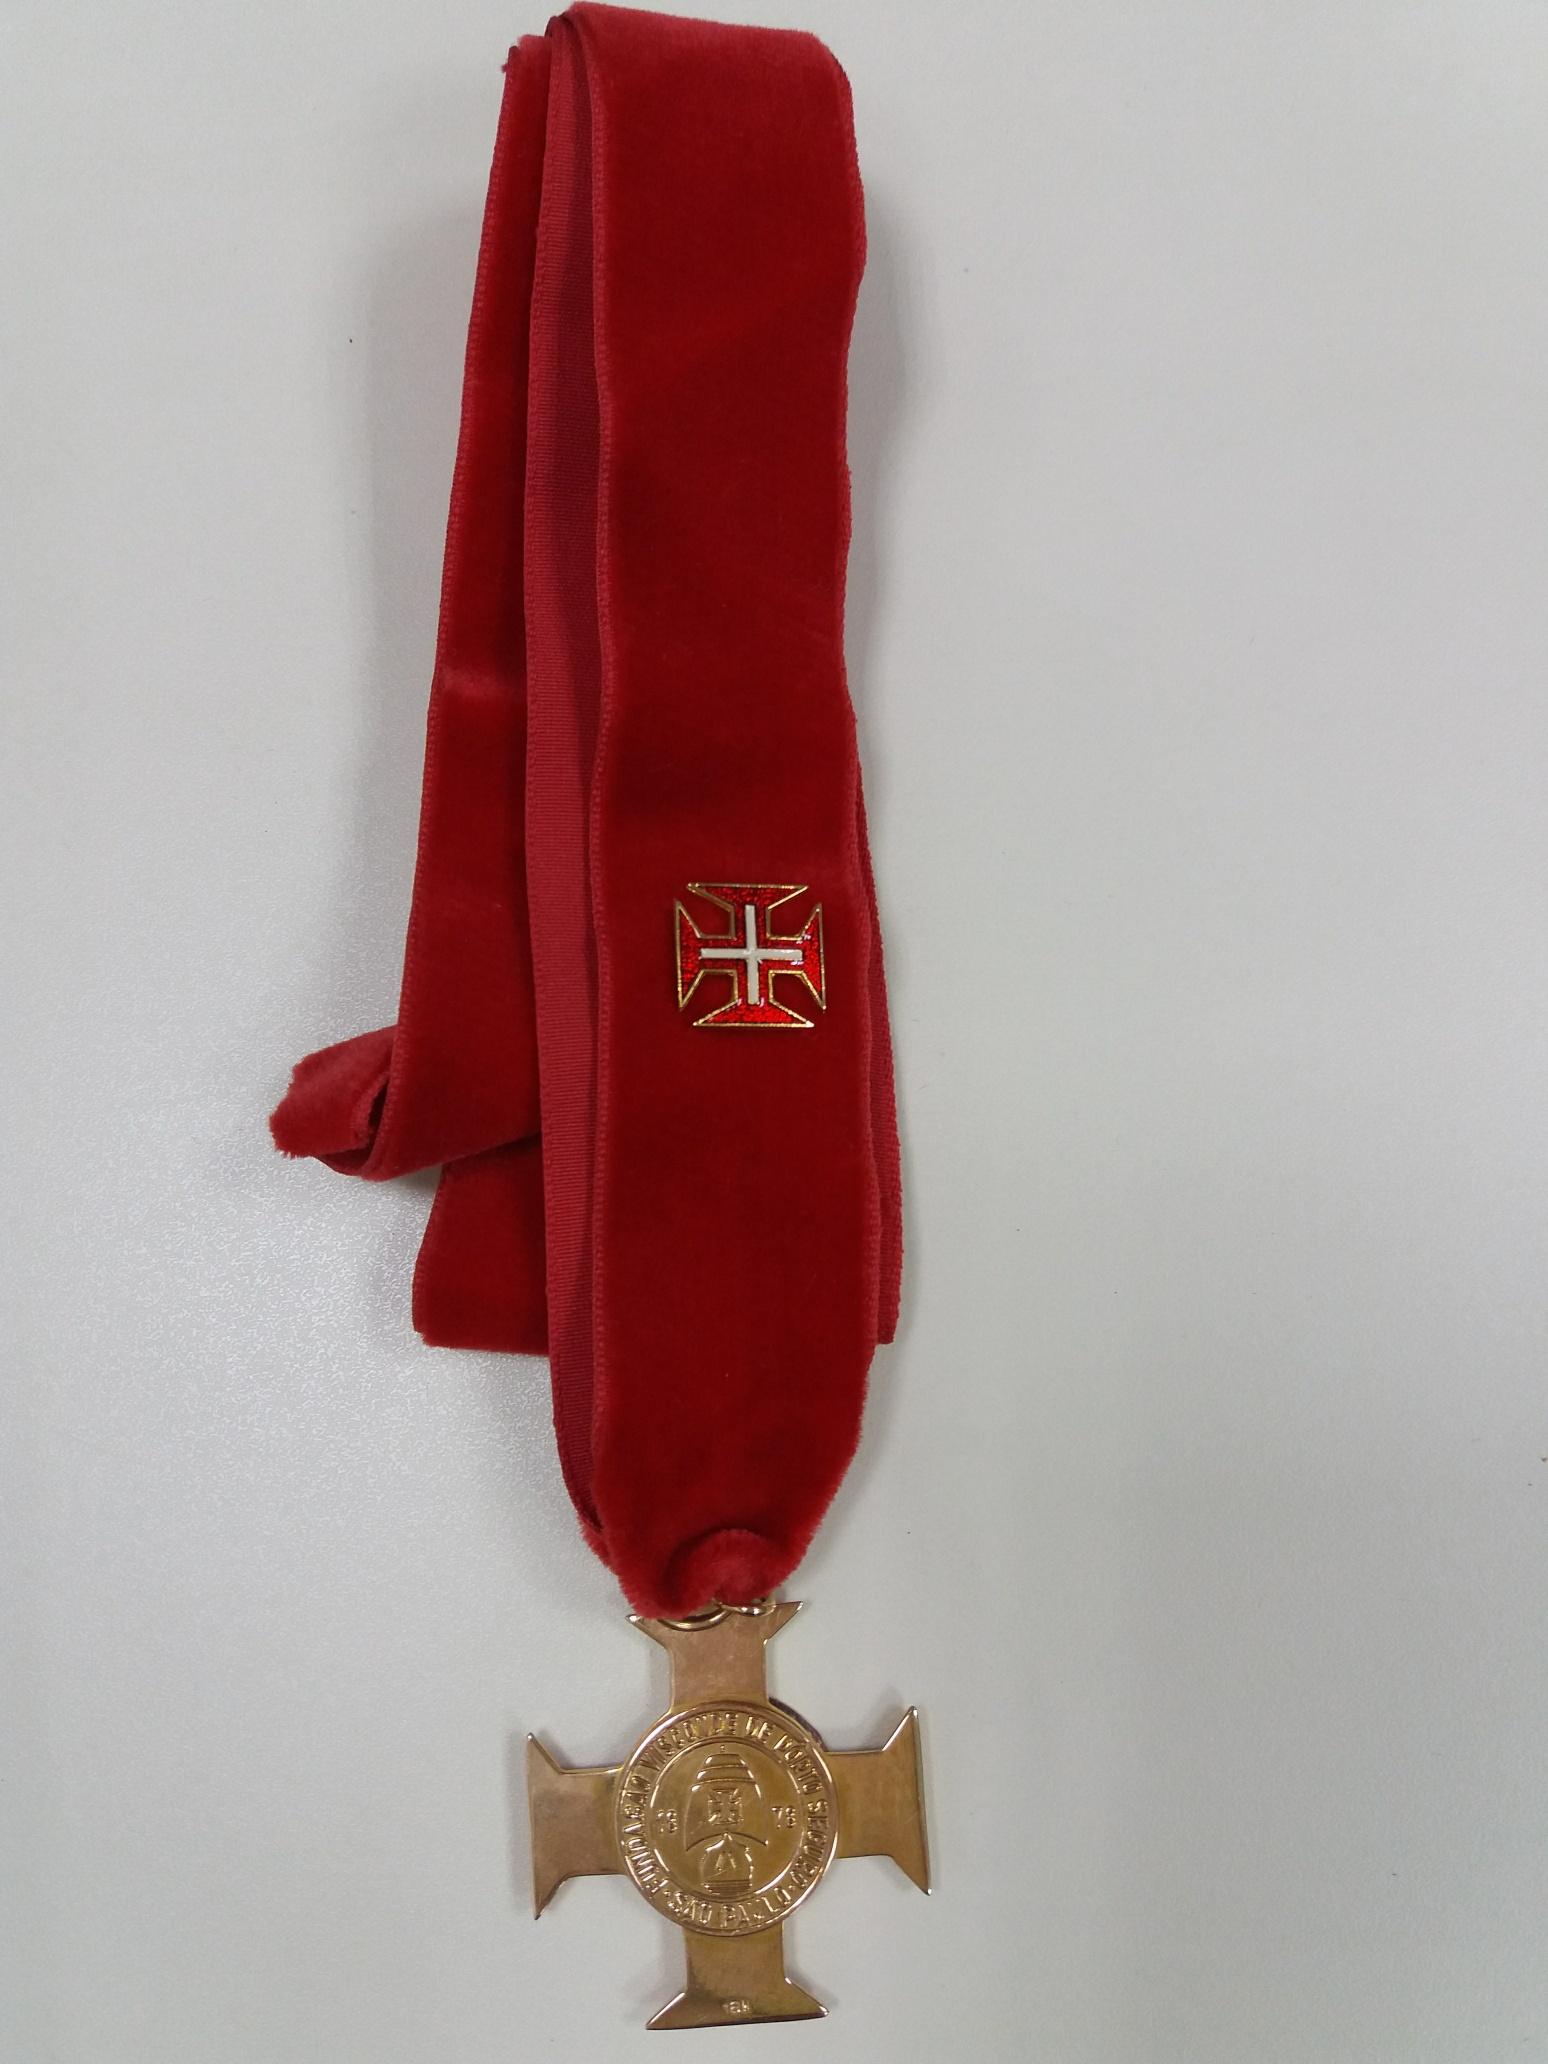 Foto da medalha dourada do Prêmio de Educação